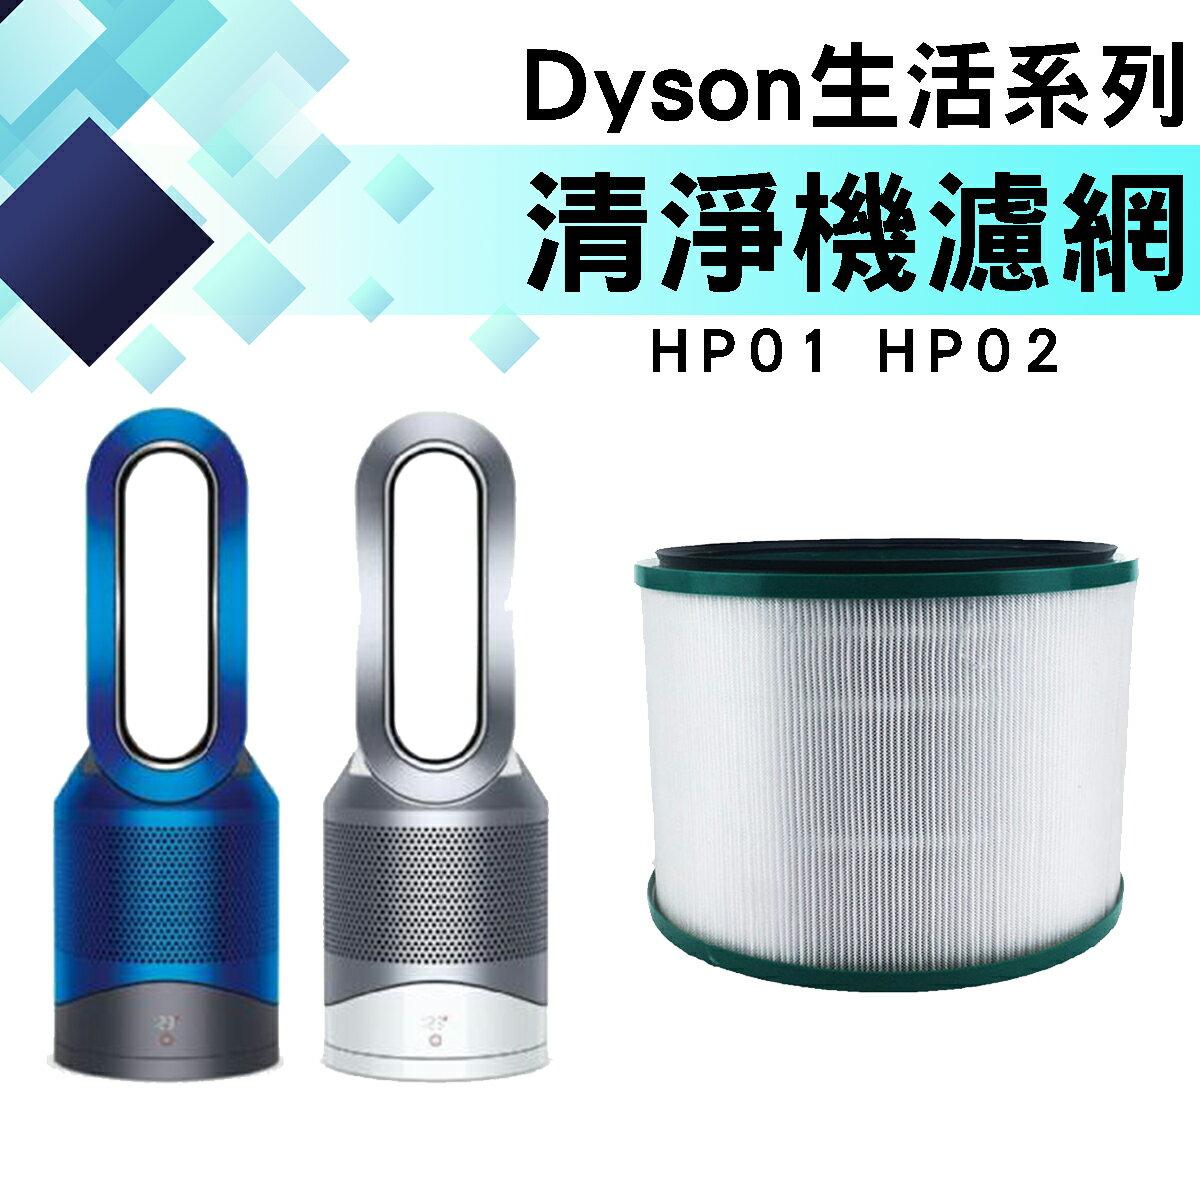 現貨 Dyson TP01/TP02 HP01/HP02 清淨機濾芯 TP03/AM11/dp01空氣清淨器過濾網